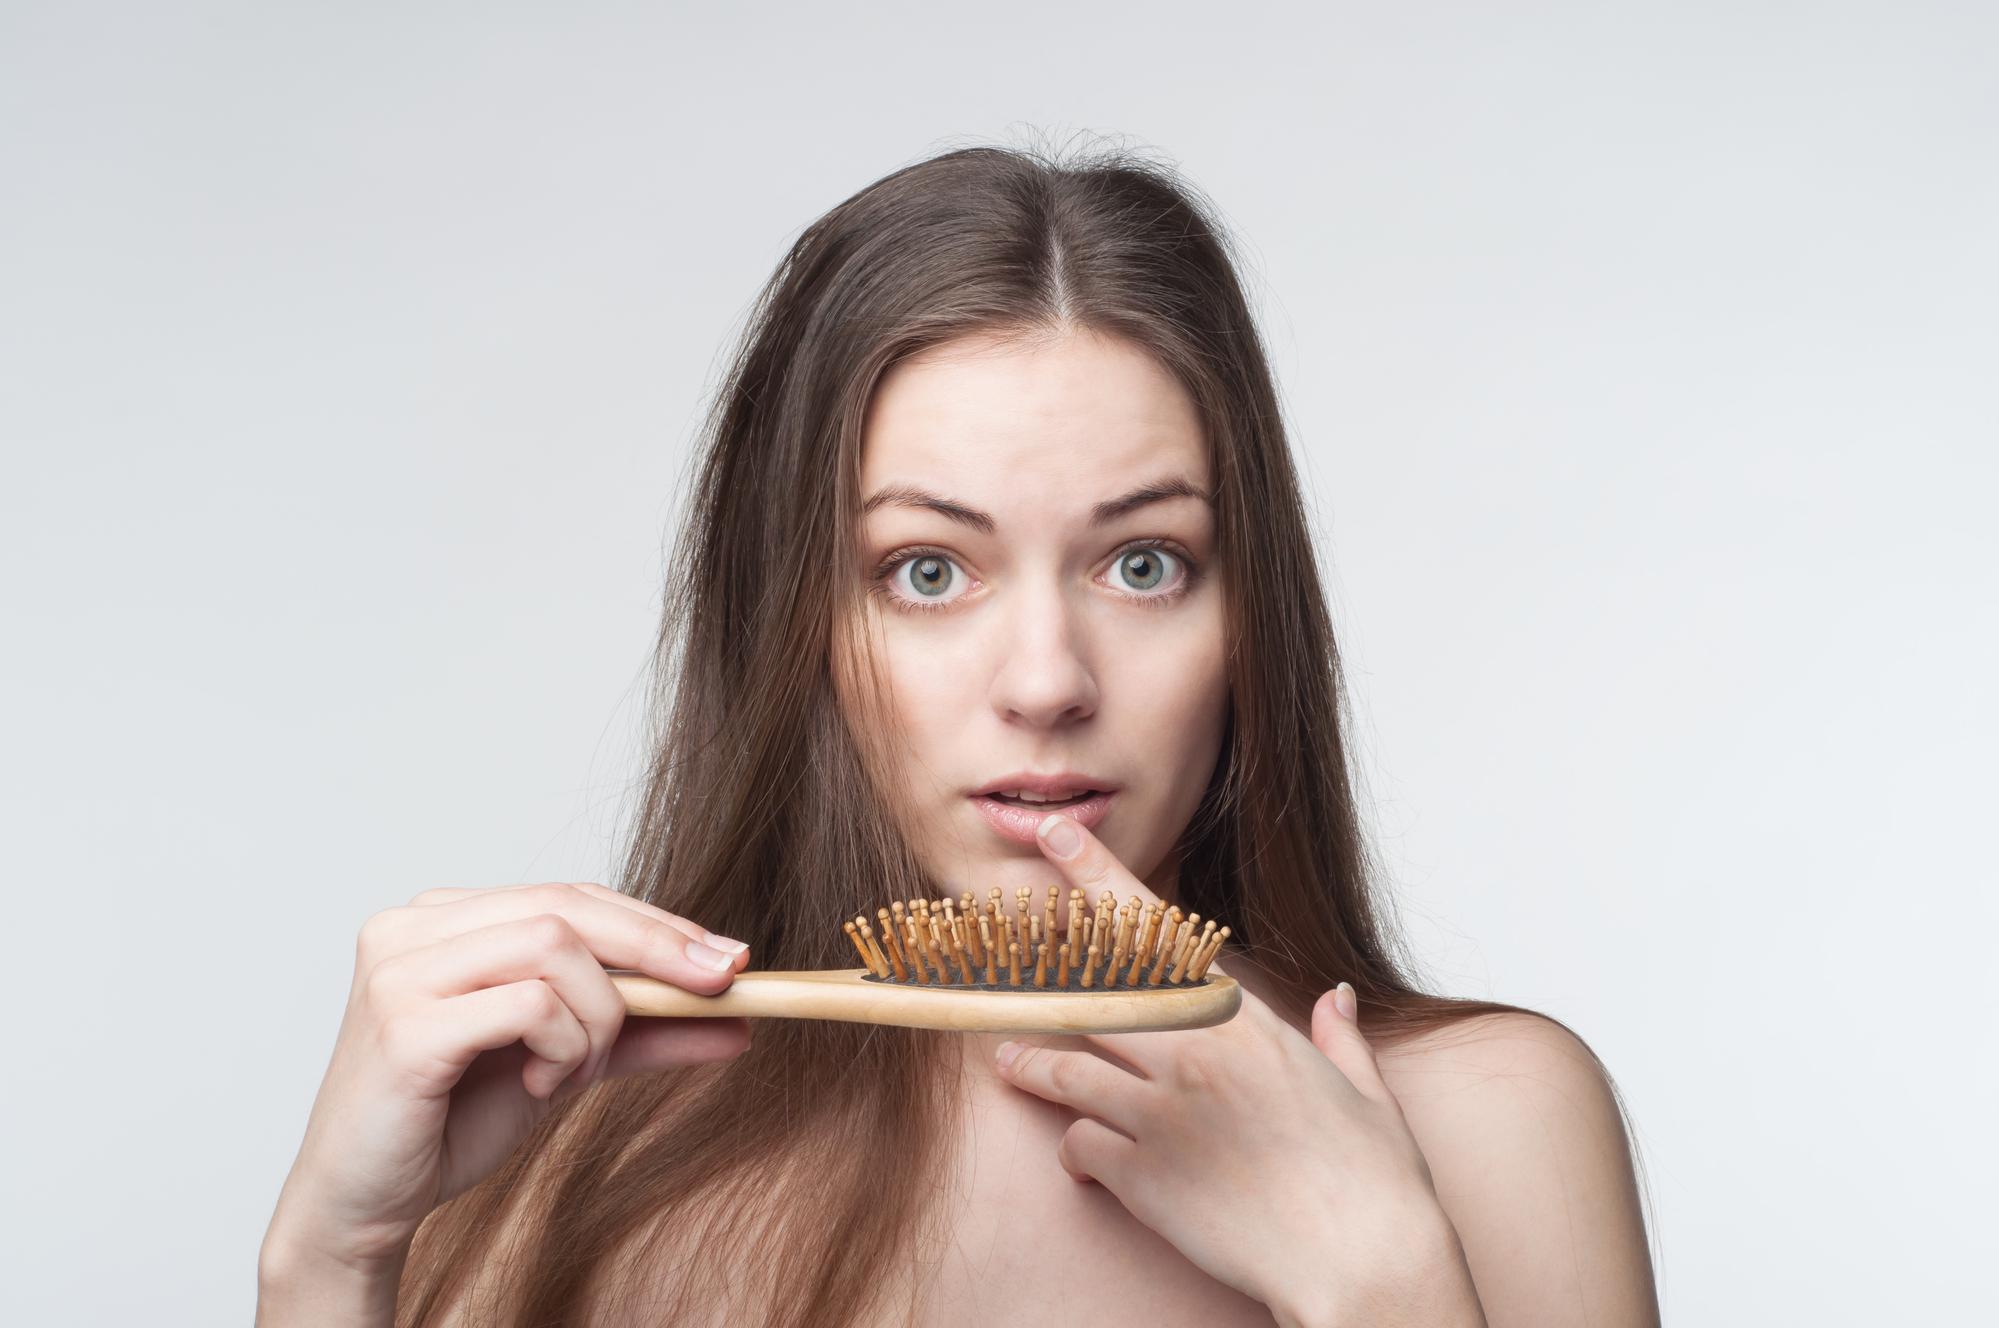 Трихолог развеяла популярные мифы о выпадении волос